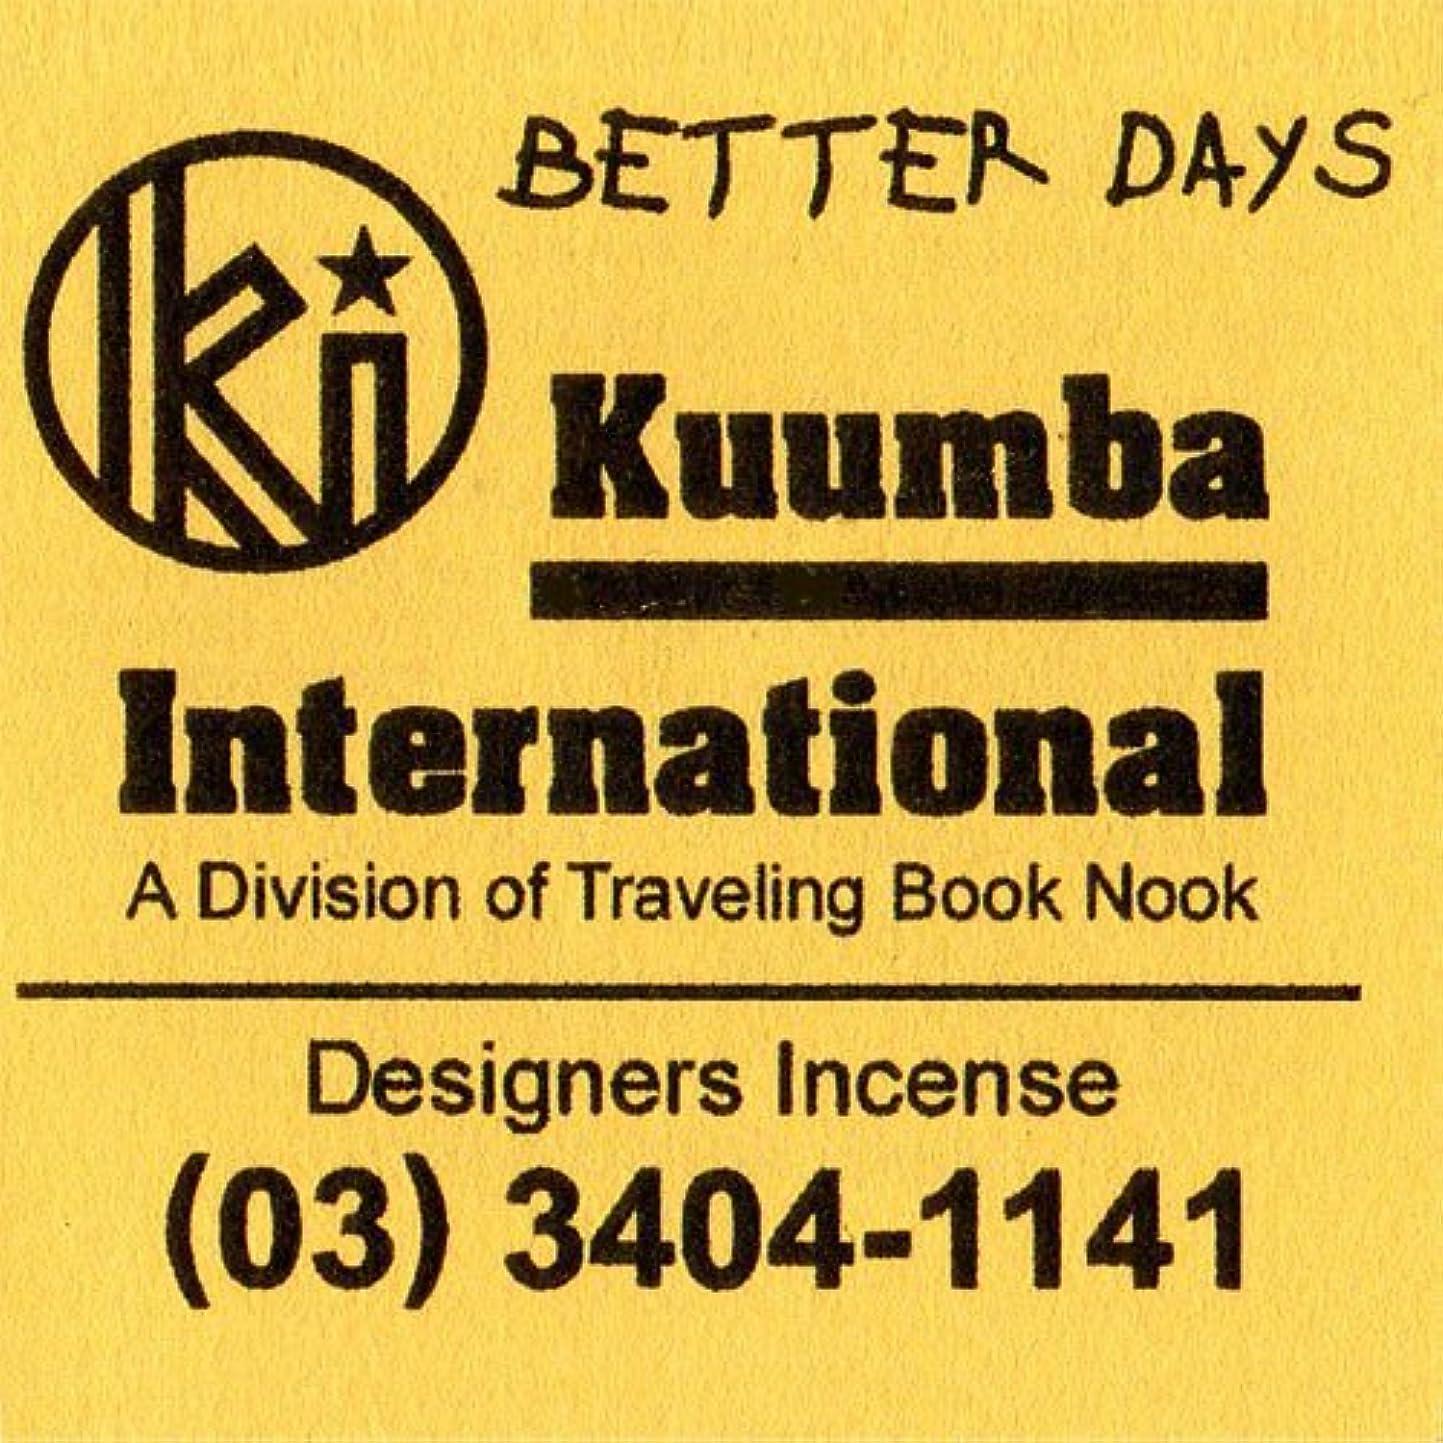 成熟した学ぶ王族KUUMBA/クンバ『incense』(BETTER DAYS) (Regular size)